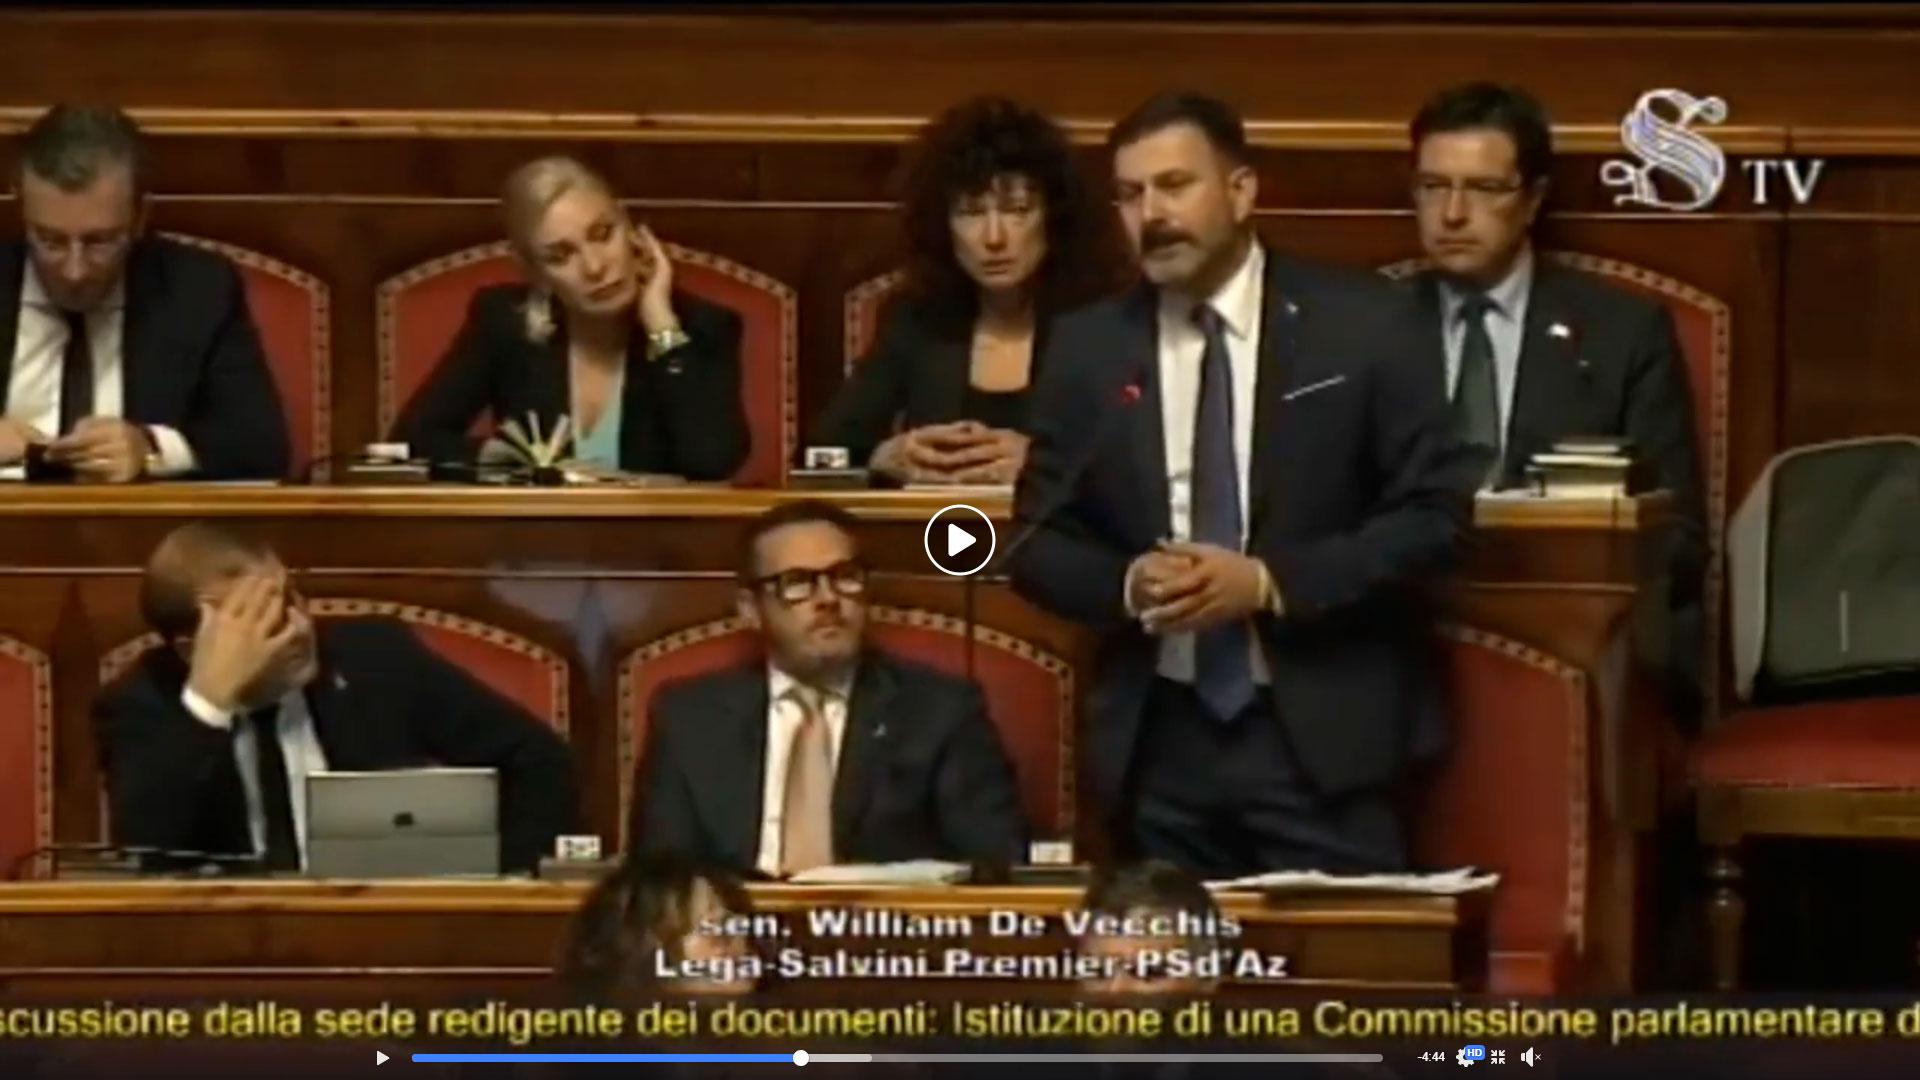 Senato istituisce commissione d'inchiesta sul lavoro, l'onorevole De Vecchis cita Terre Marsicane